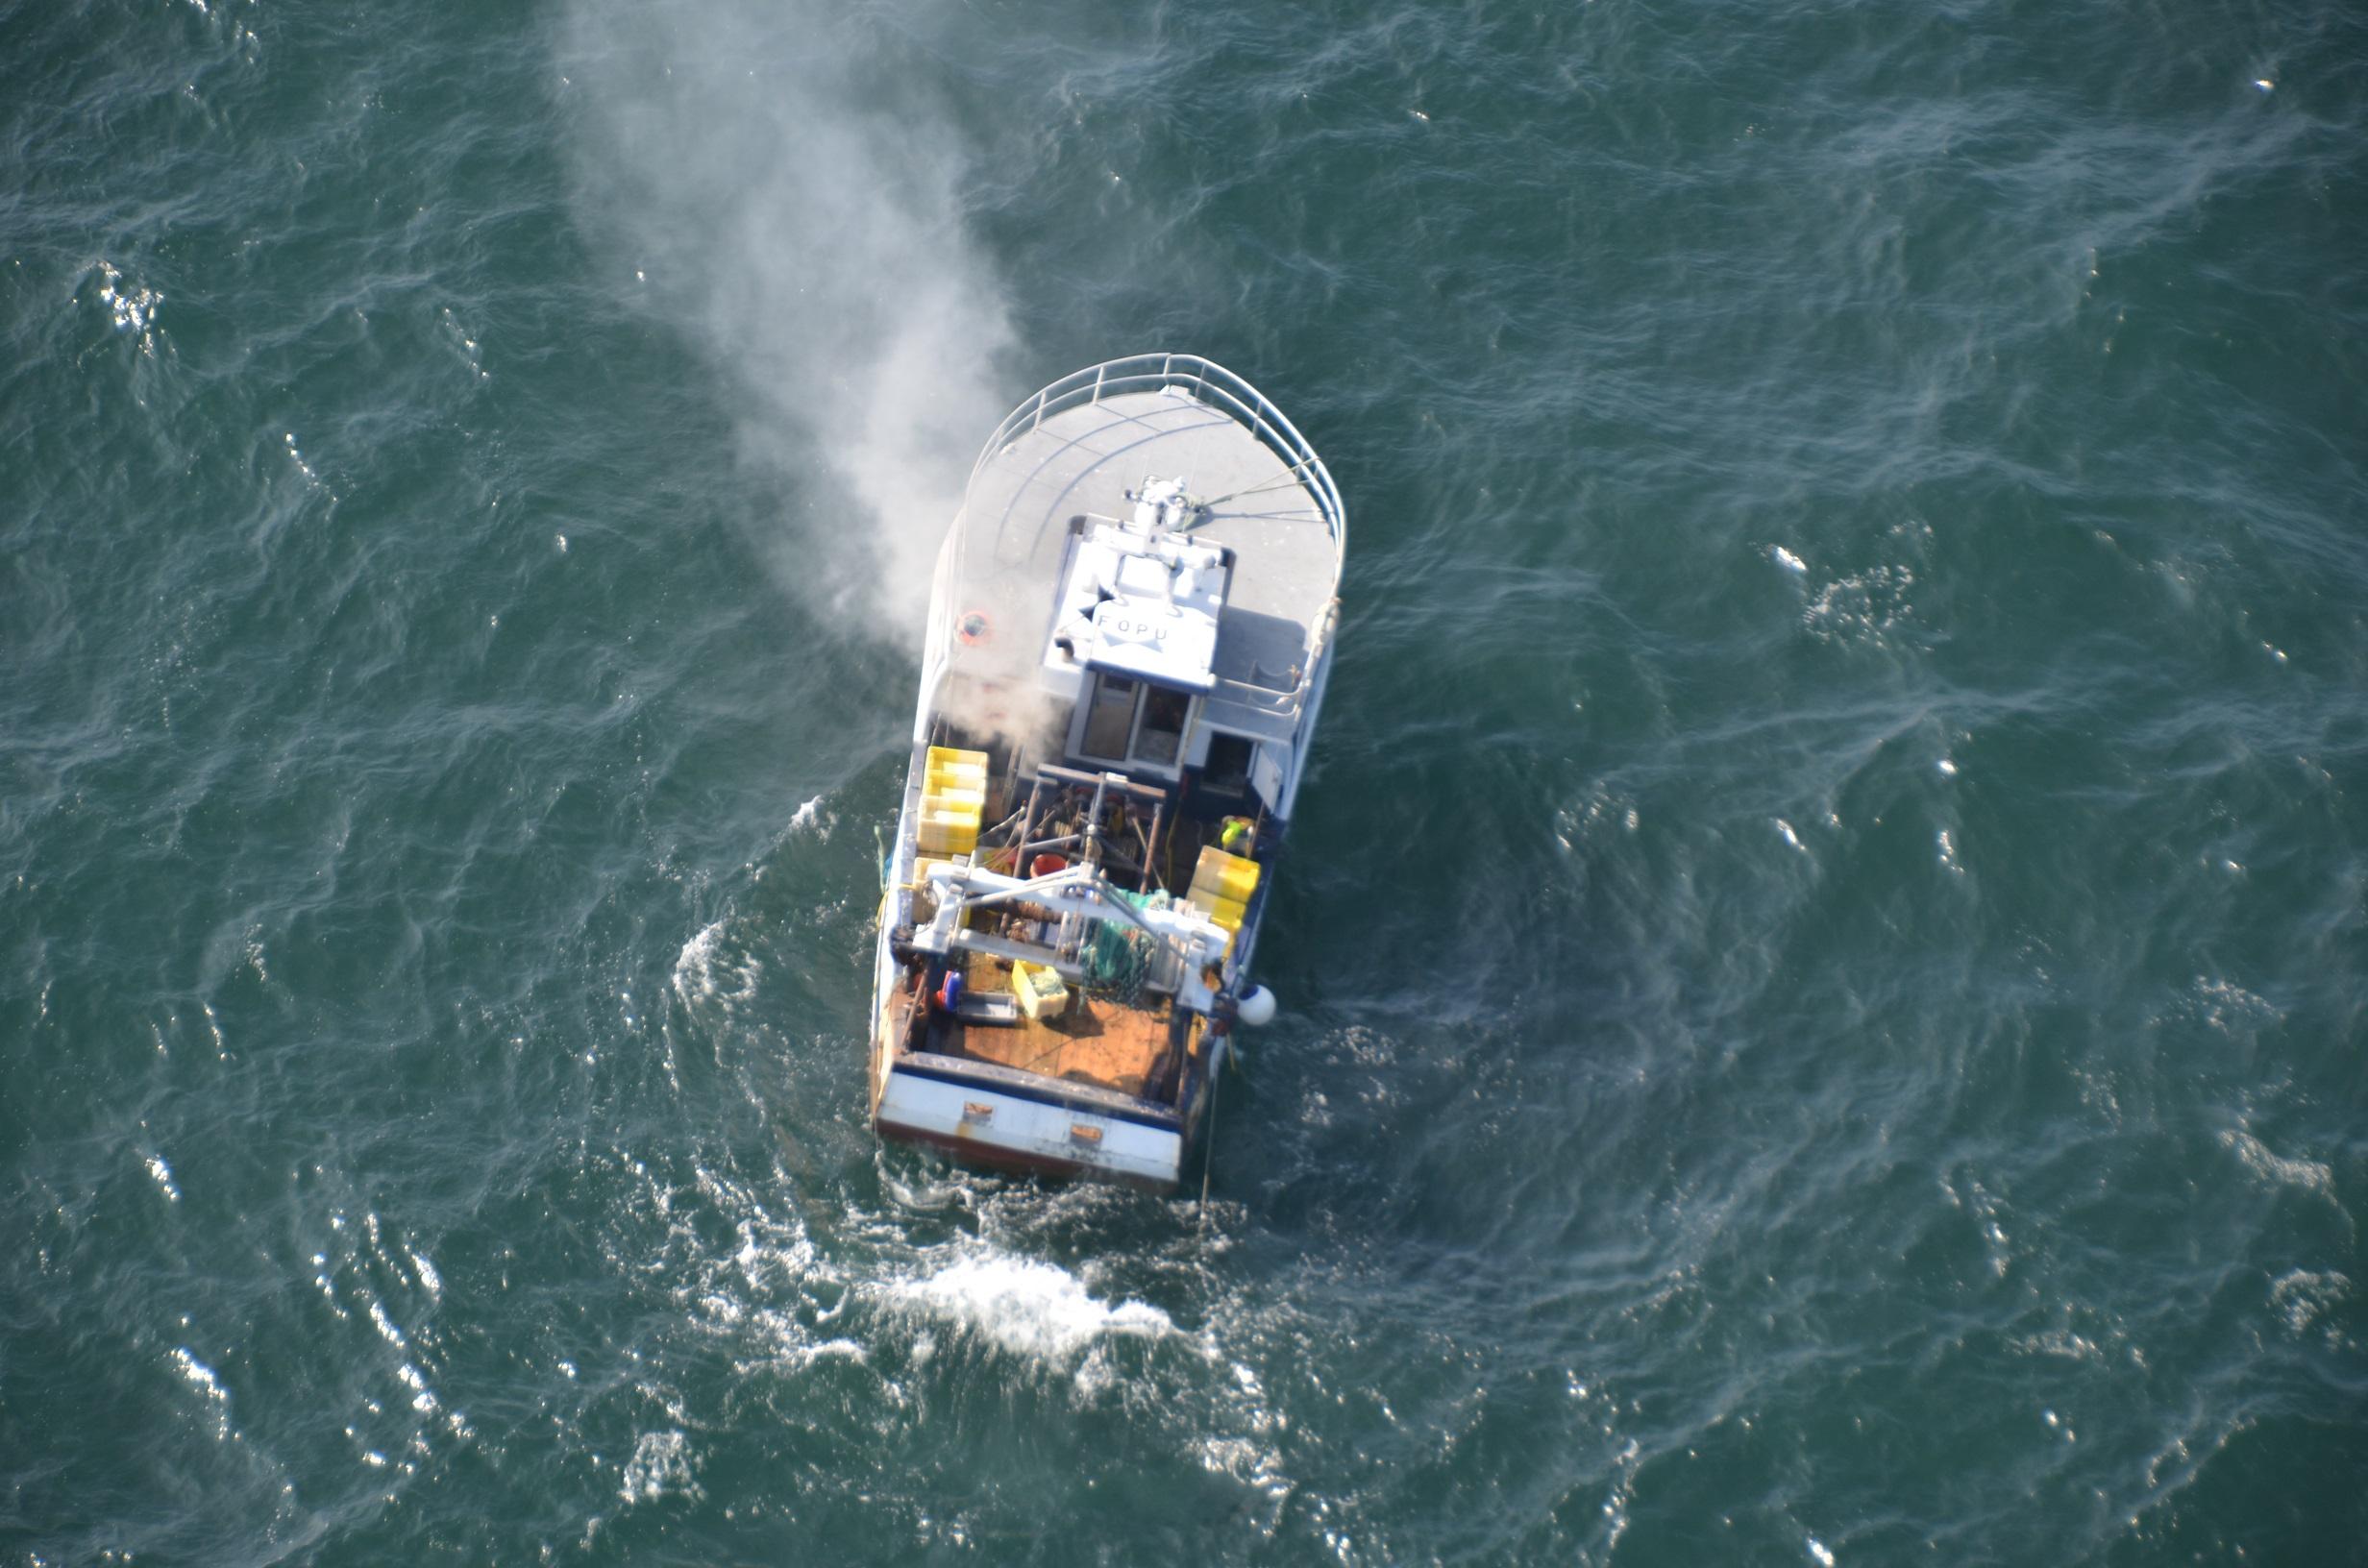 Un incendie, dont l'origine est ignorée, s'est déclaré à bord du chalutier qui se trouvait au large de Port-en-Bessin (Photos Marine nationale)